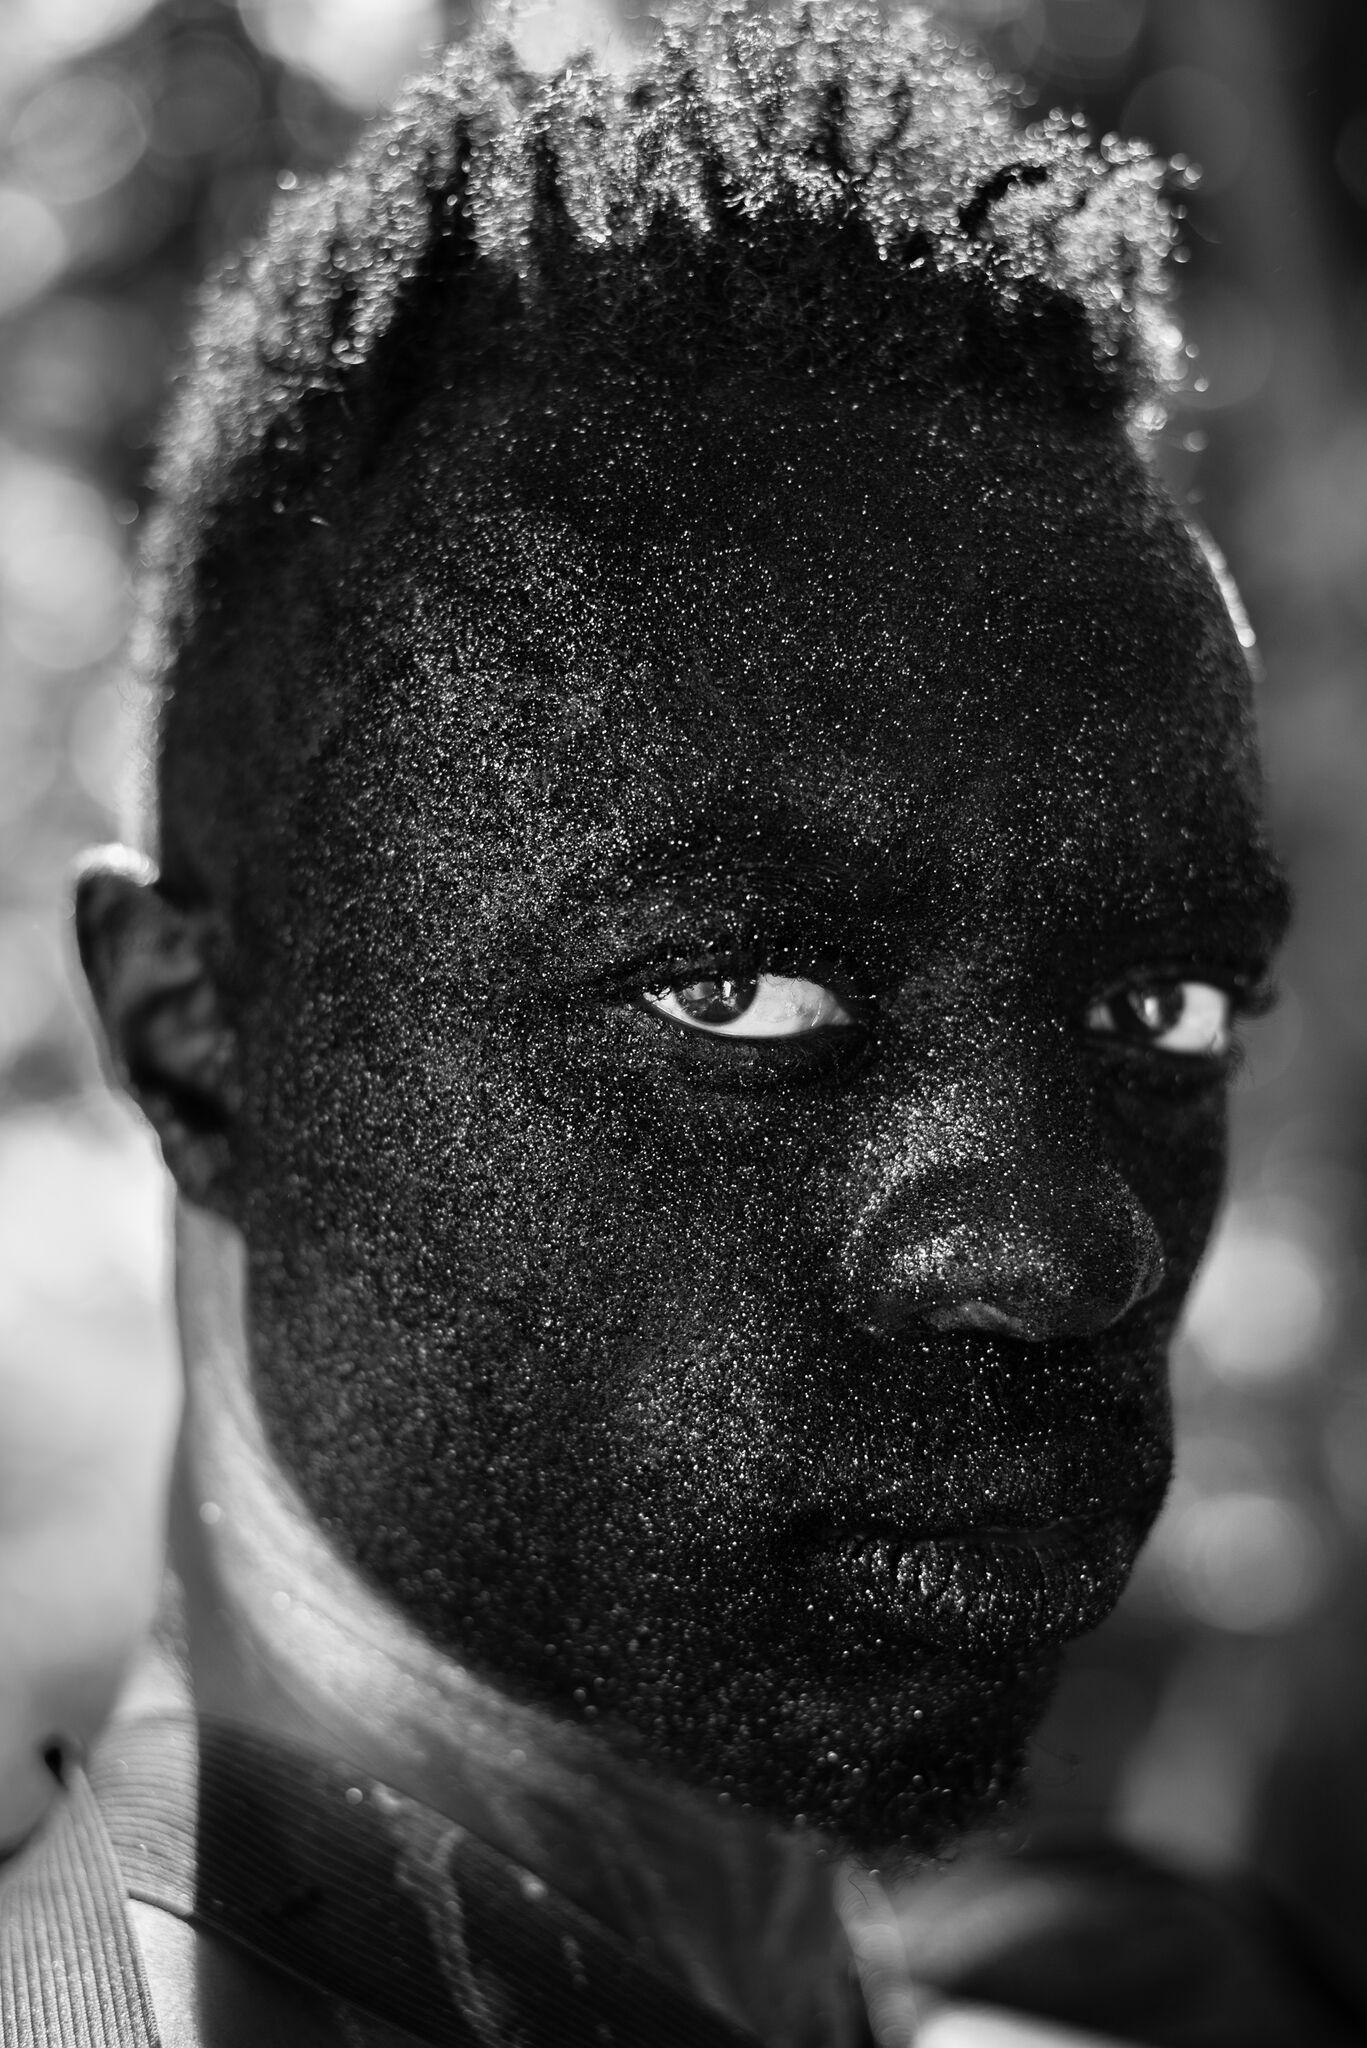 Ng'endo Mukii, 'Black Man' still from 'Nairobi Berries', 2017. Image courtesy of Ng'endo Mukii